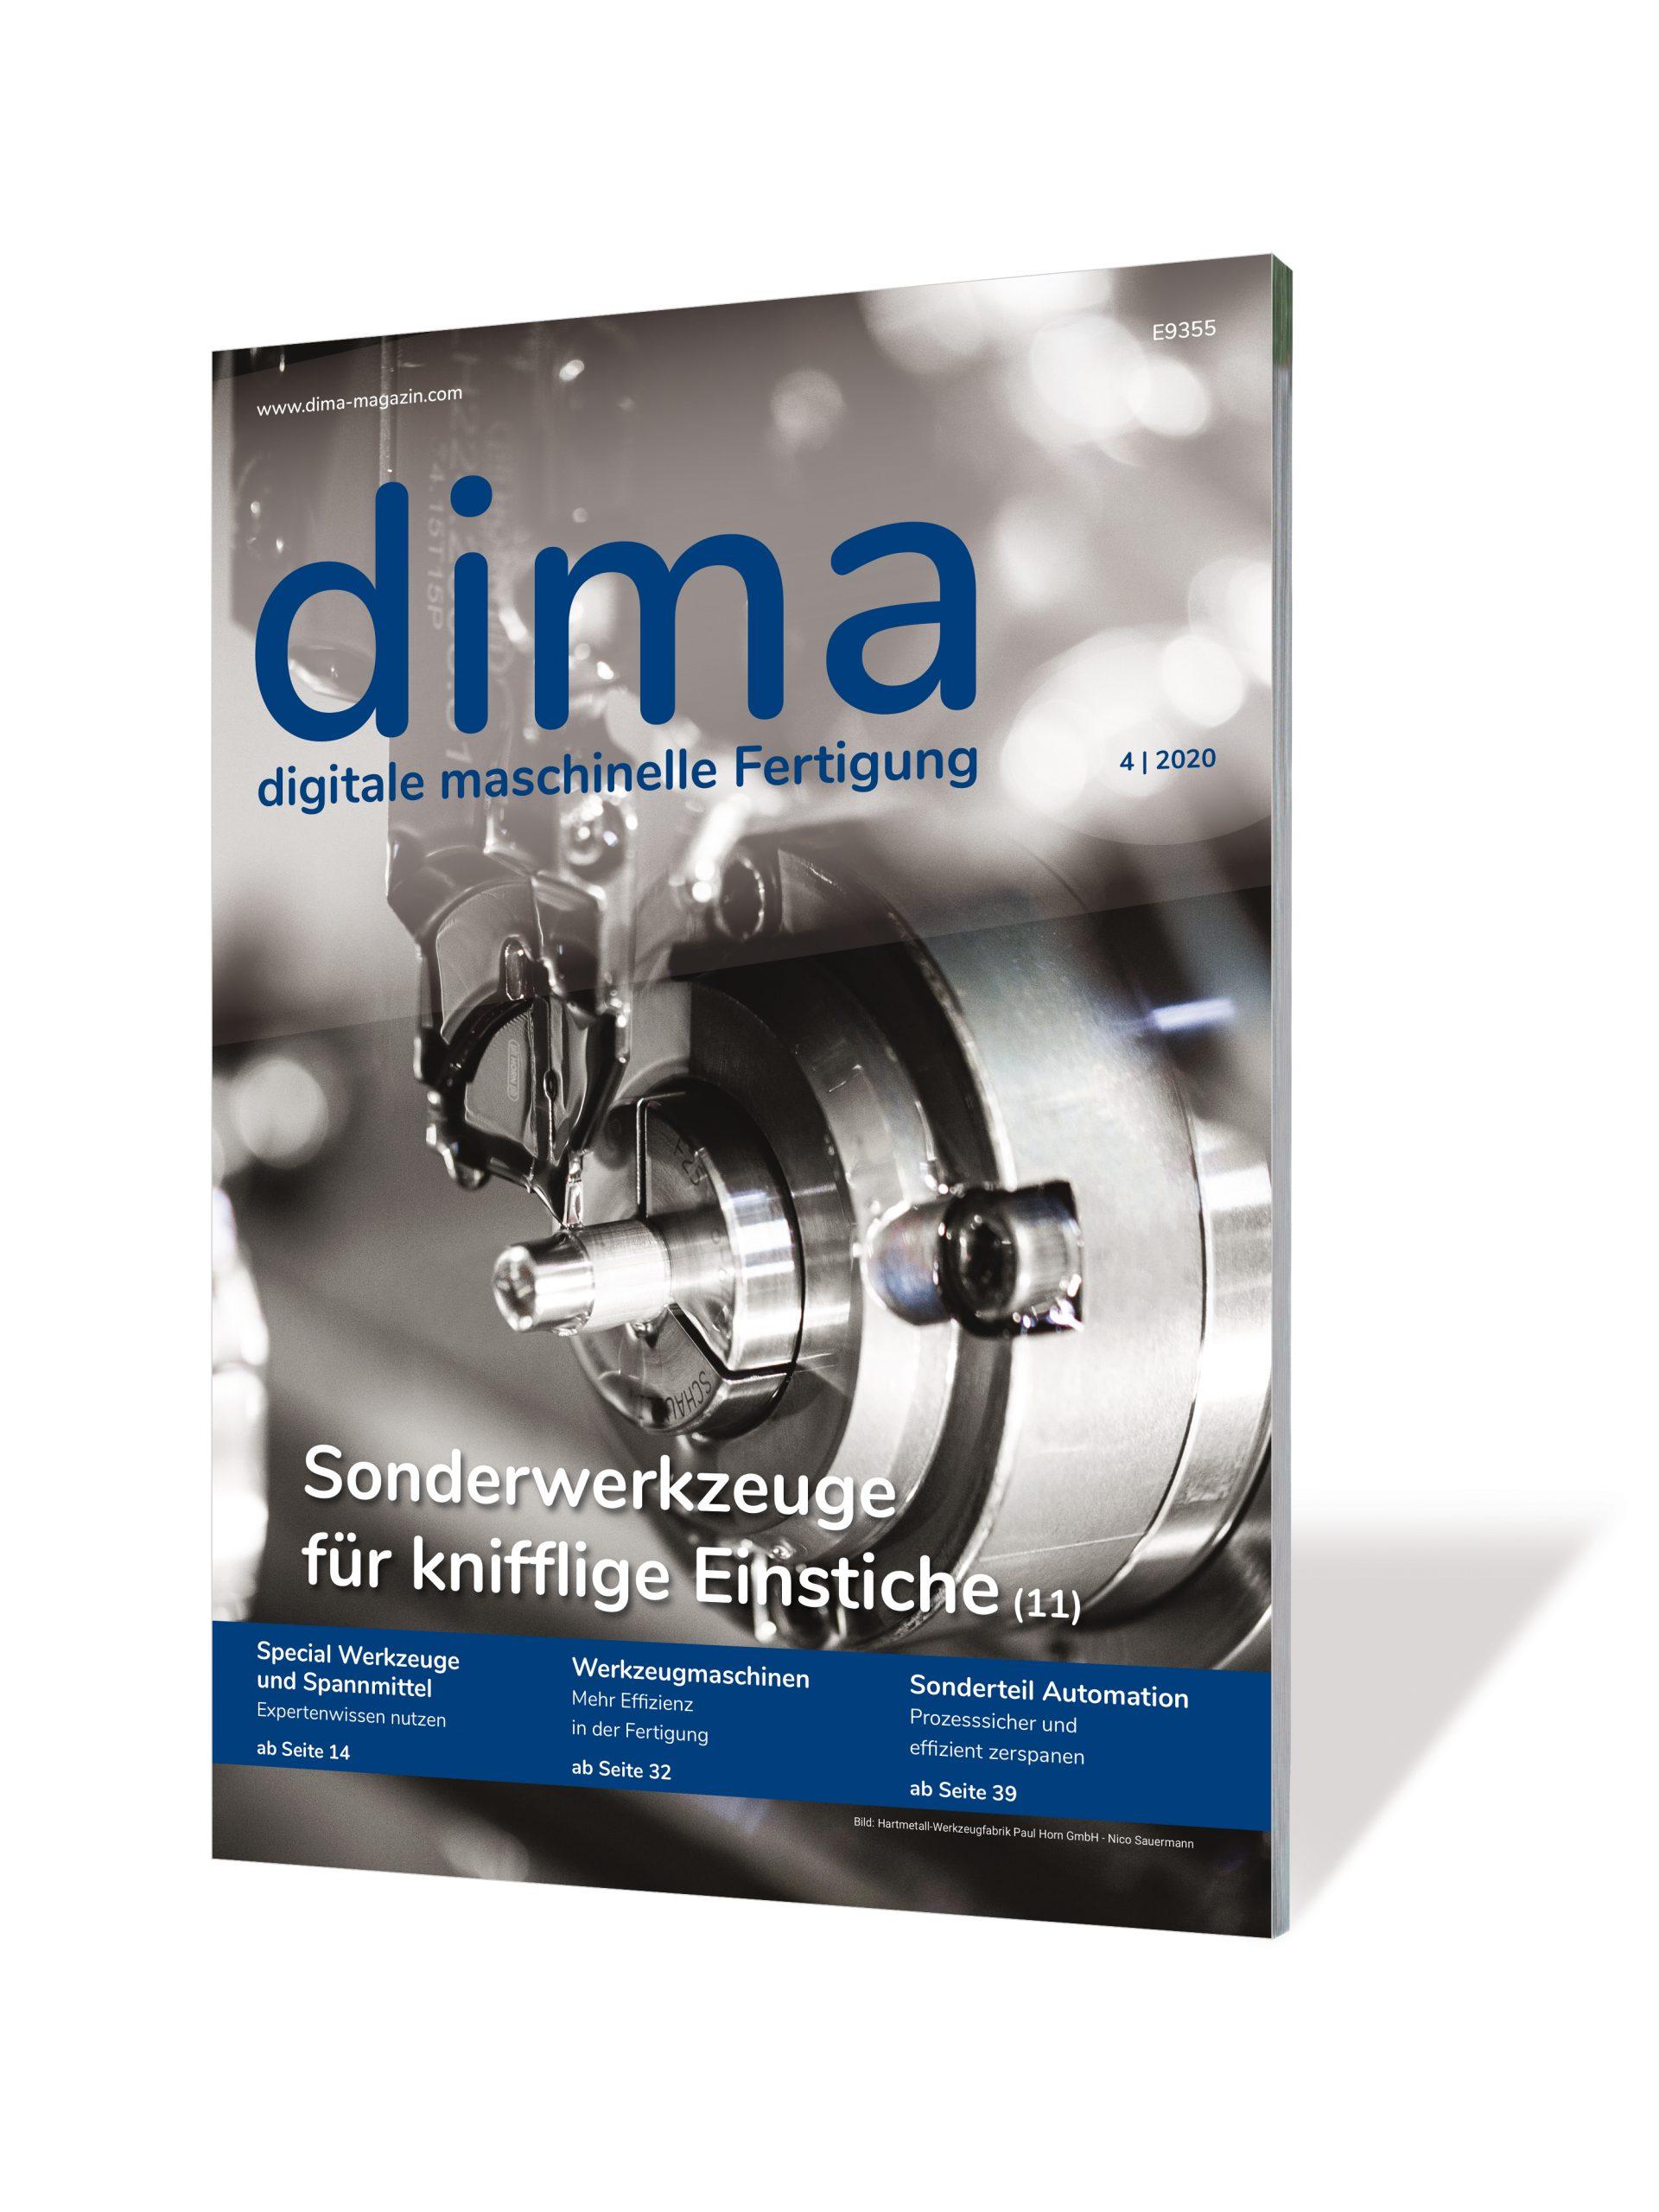 Fachzeitschrift dima – digitale maschinelle Fertigung